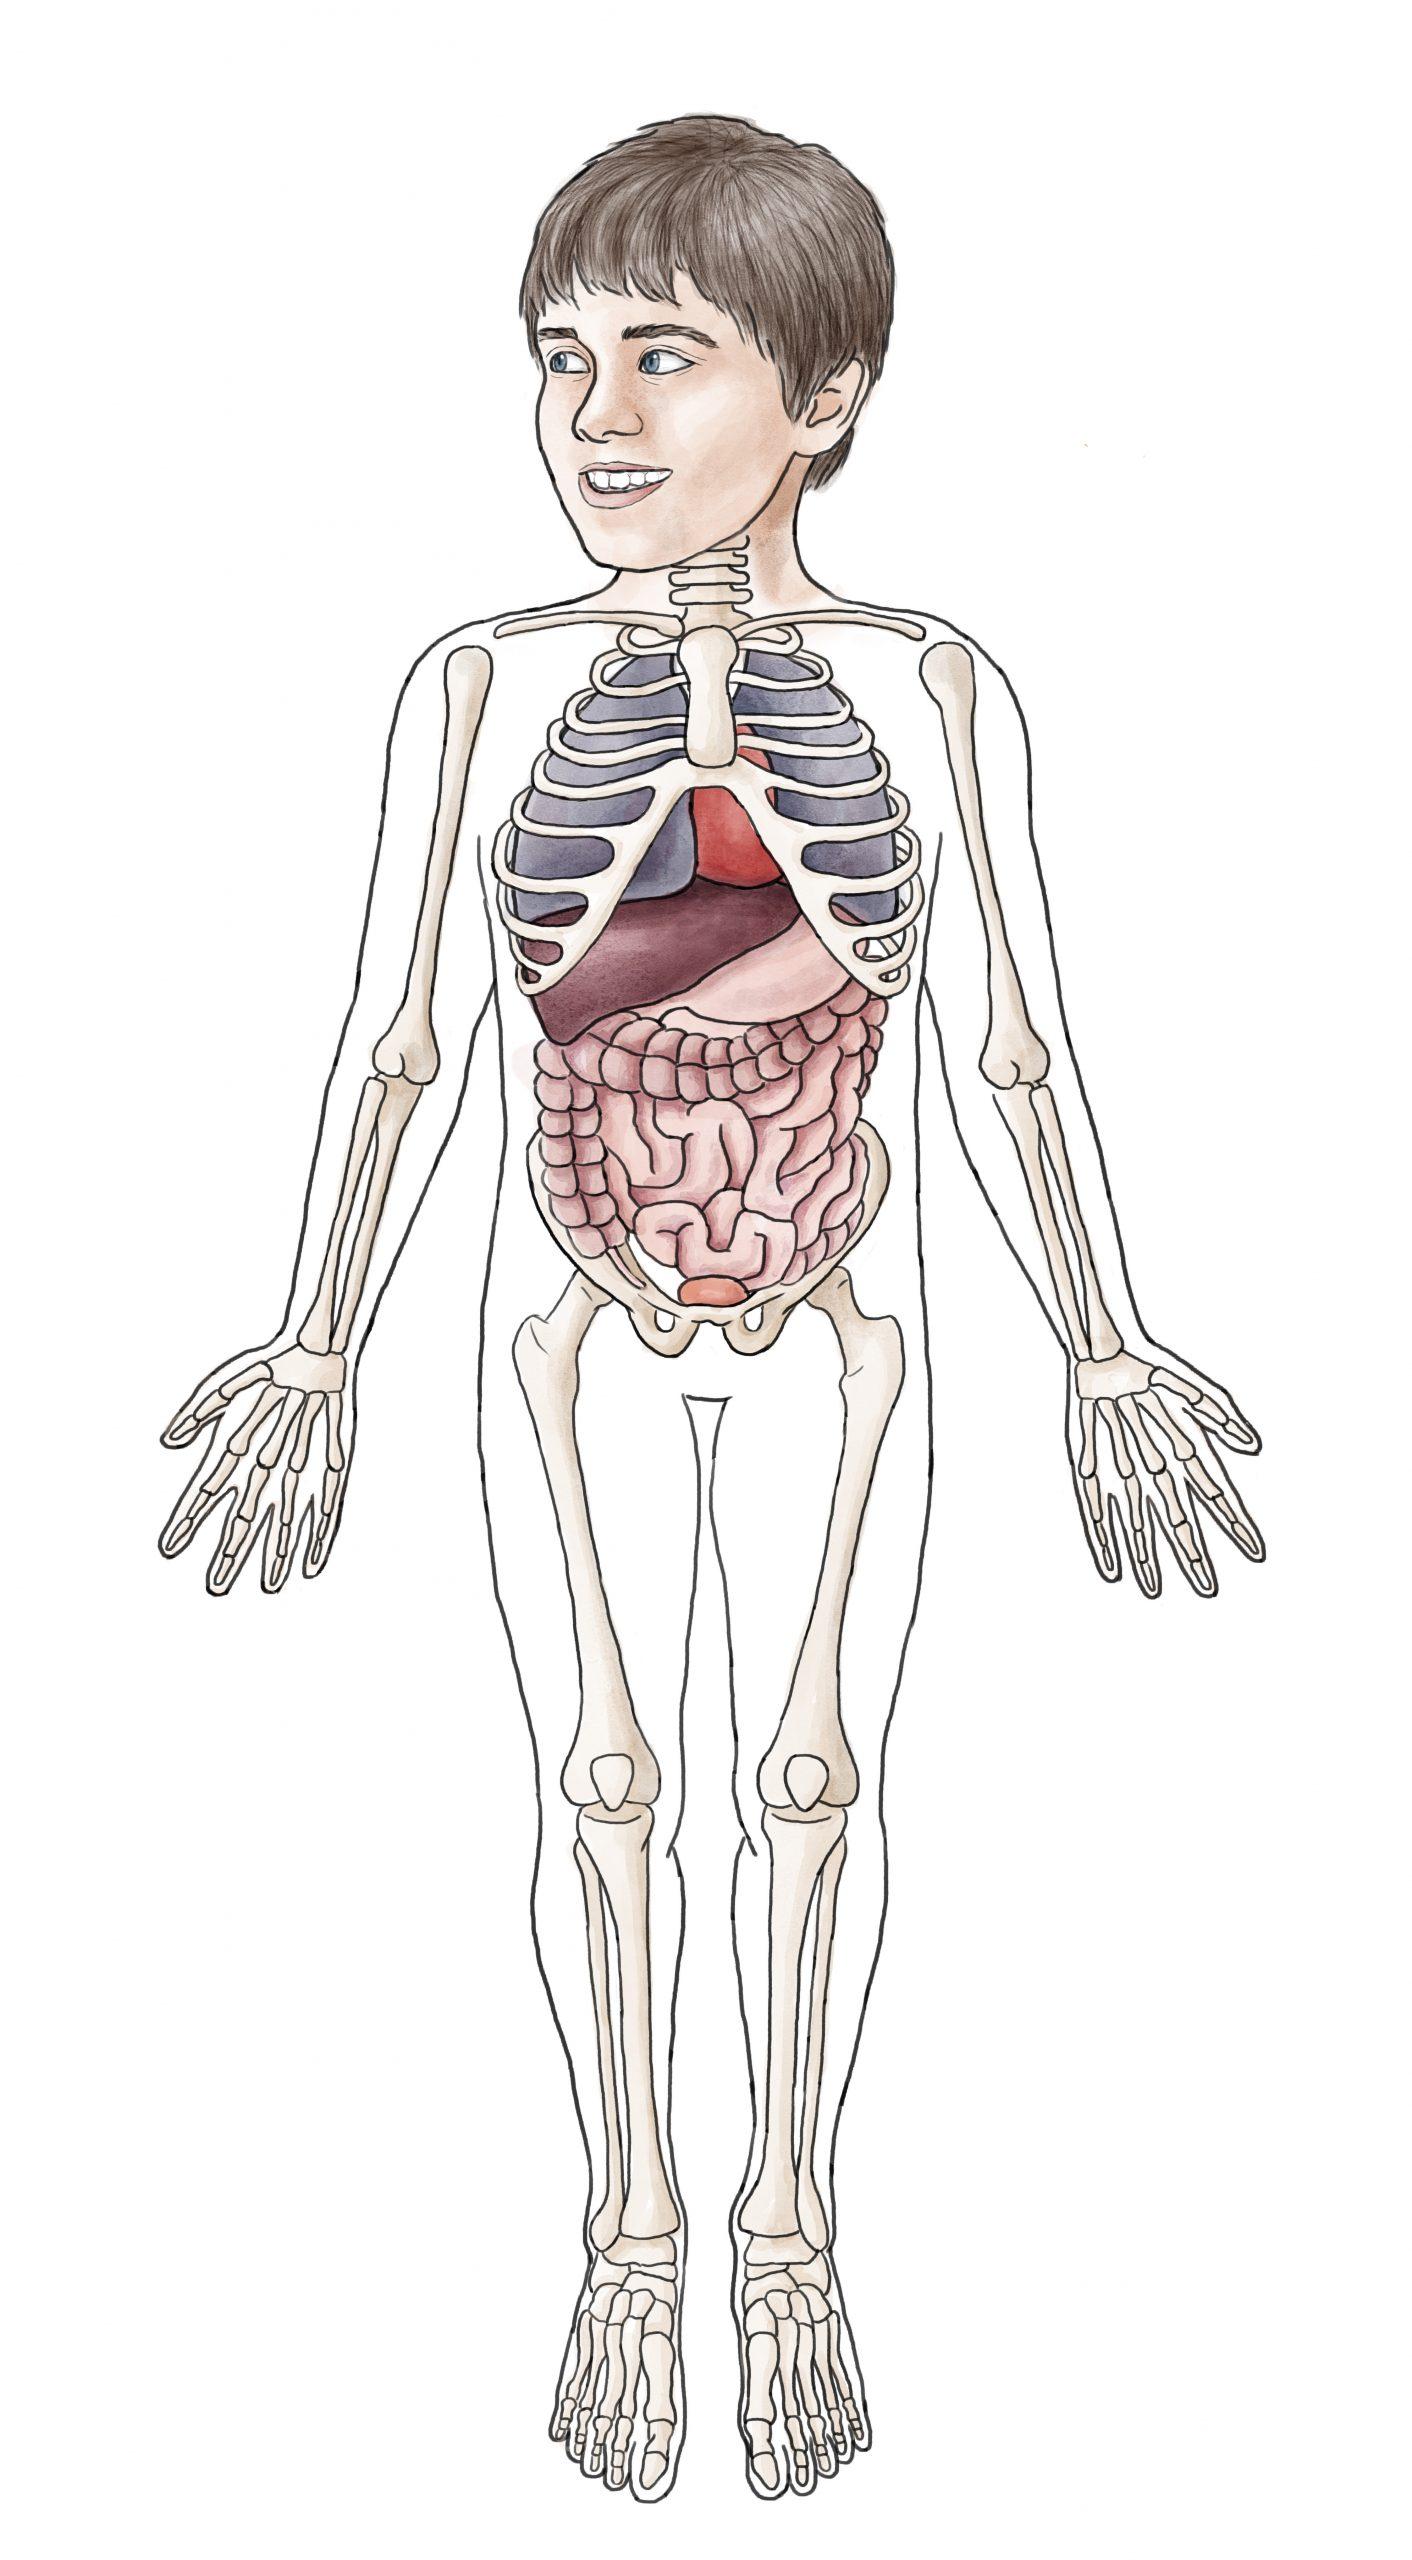 Eine Illustration von Lisa Cuthbertson, die die Anatomie eines Kindes zeigt